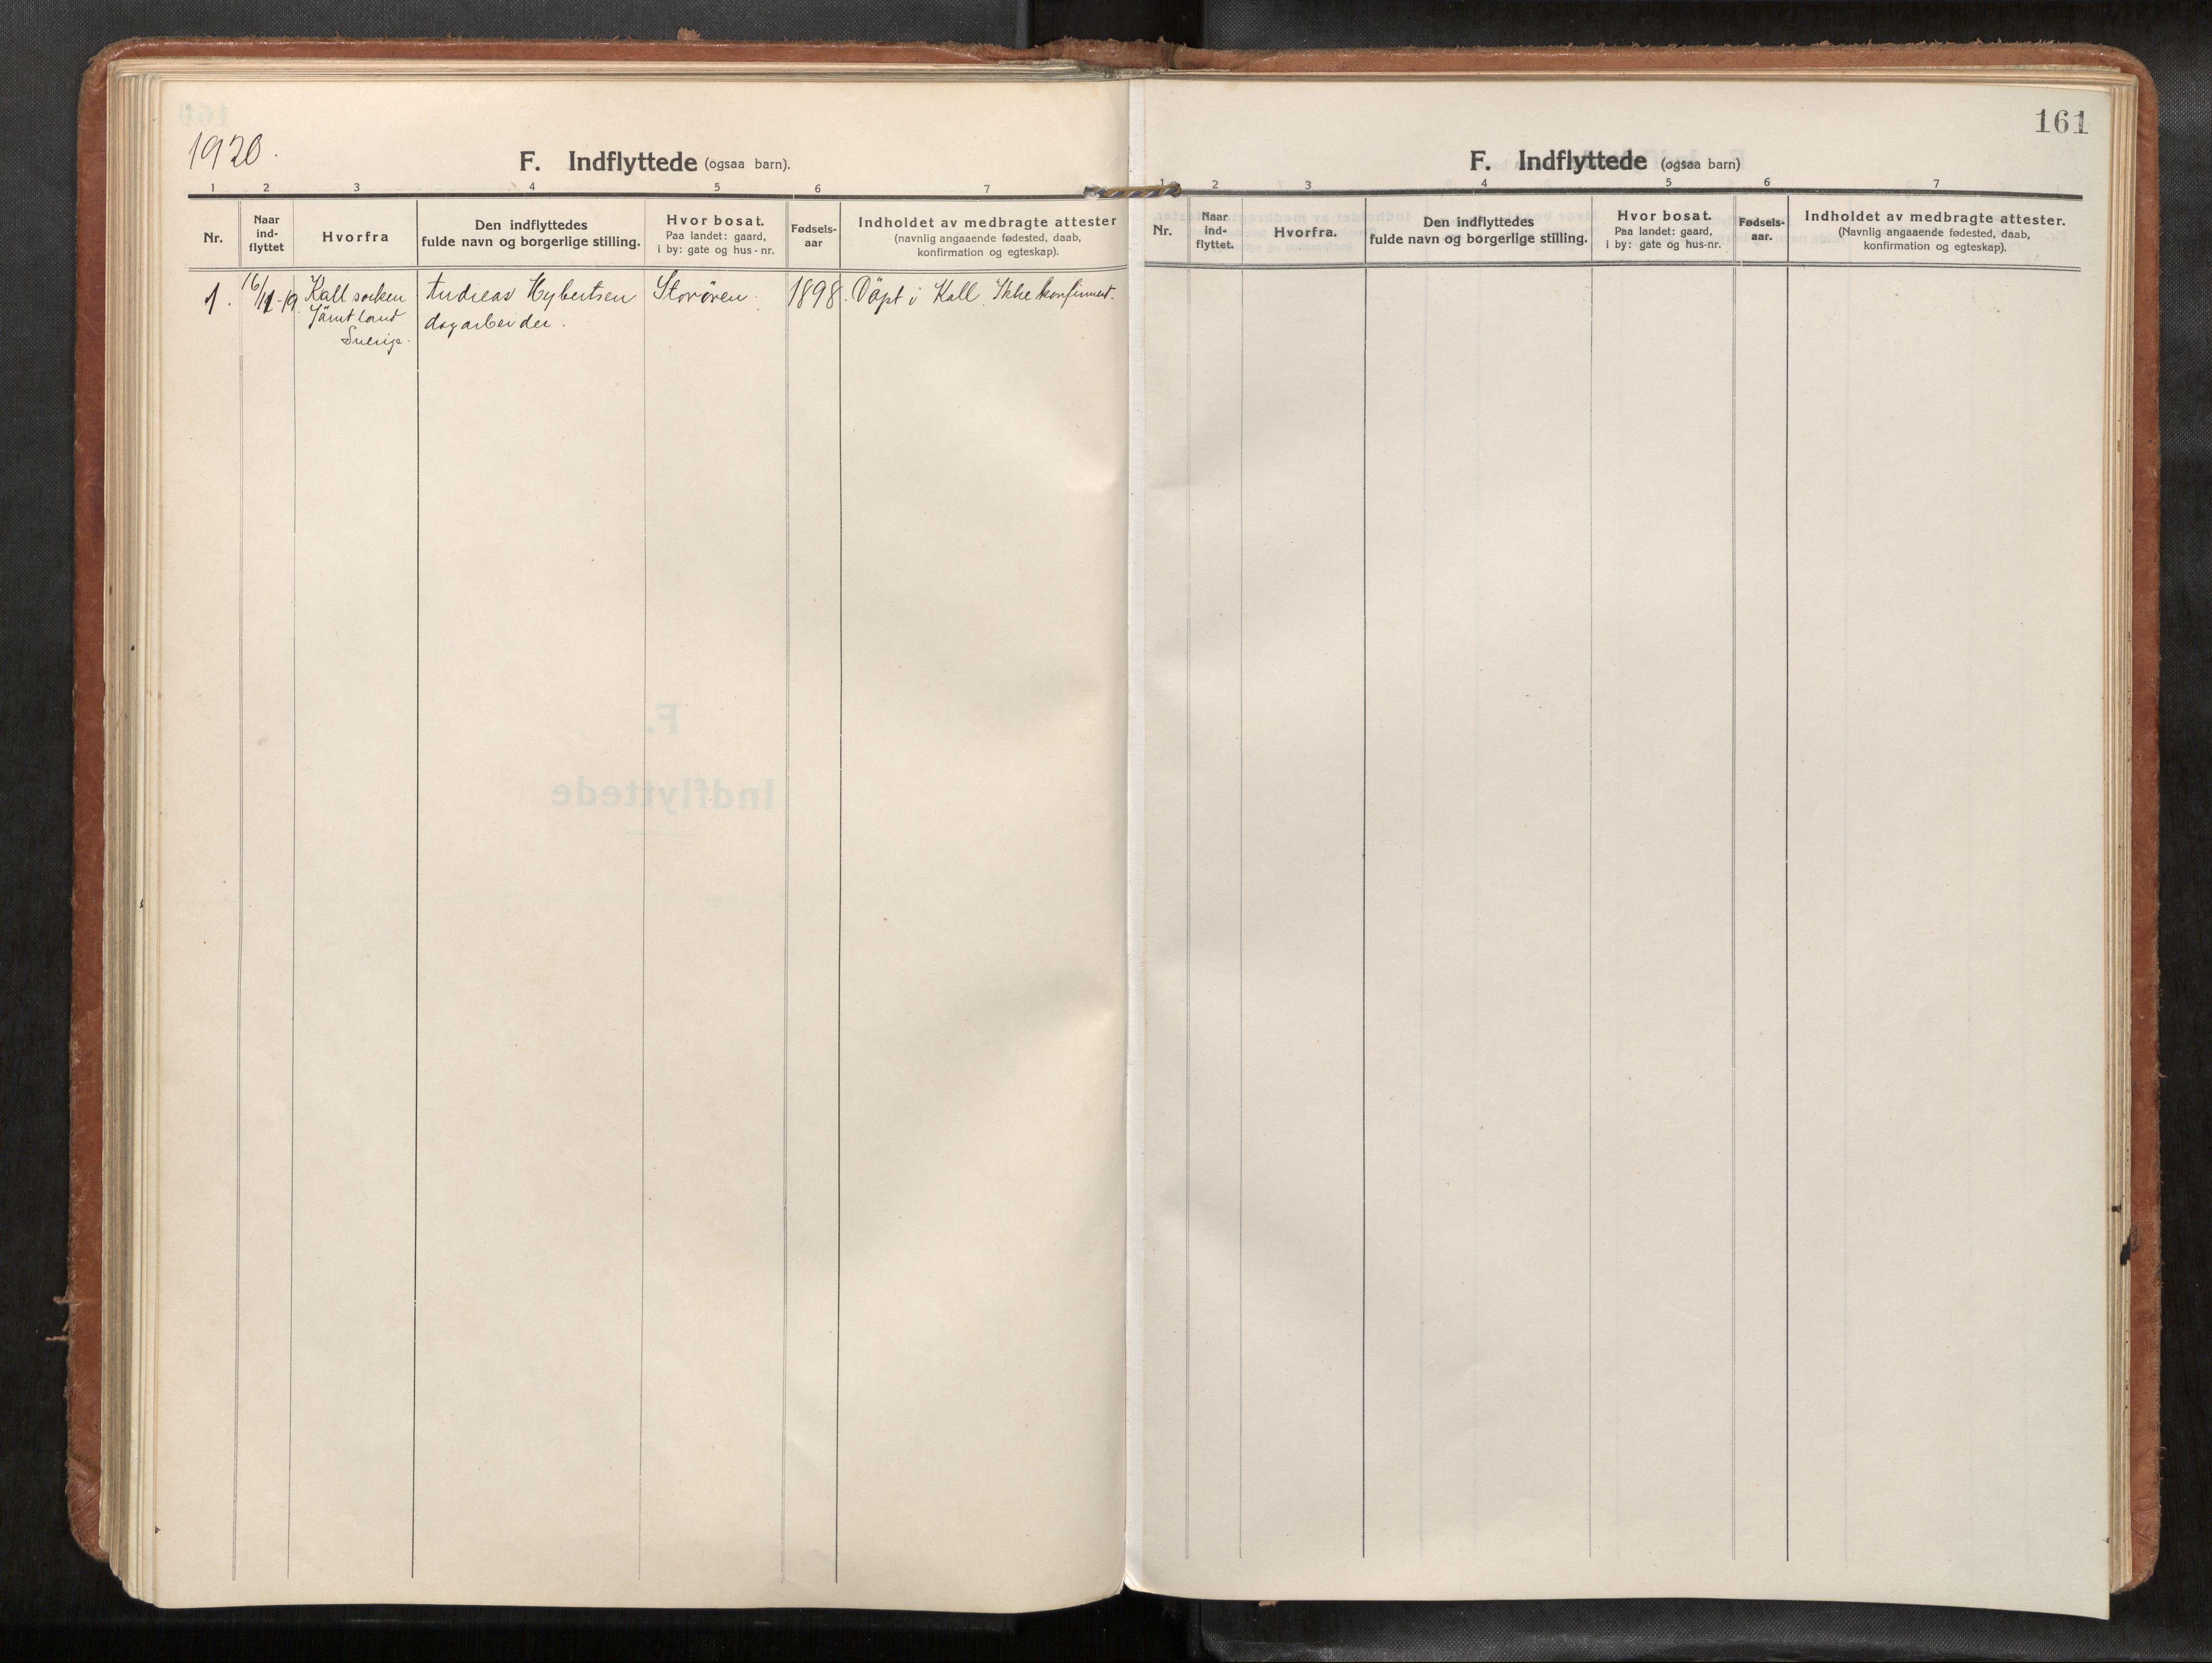 SAT, Verdal sokneprestkontor*, Ministerialbok nr. 1, 1916-1928, s. 161